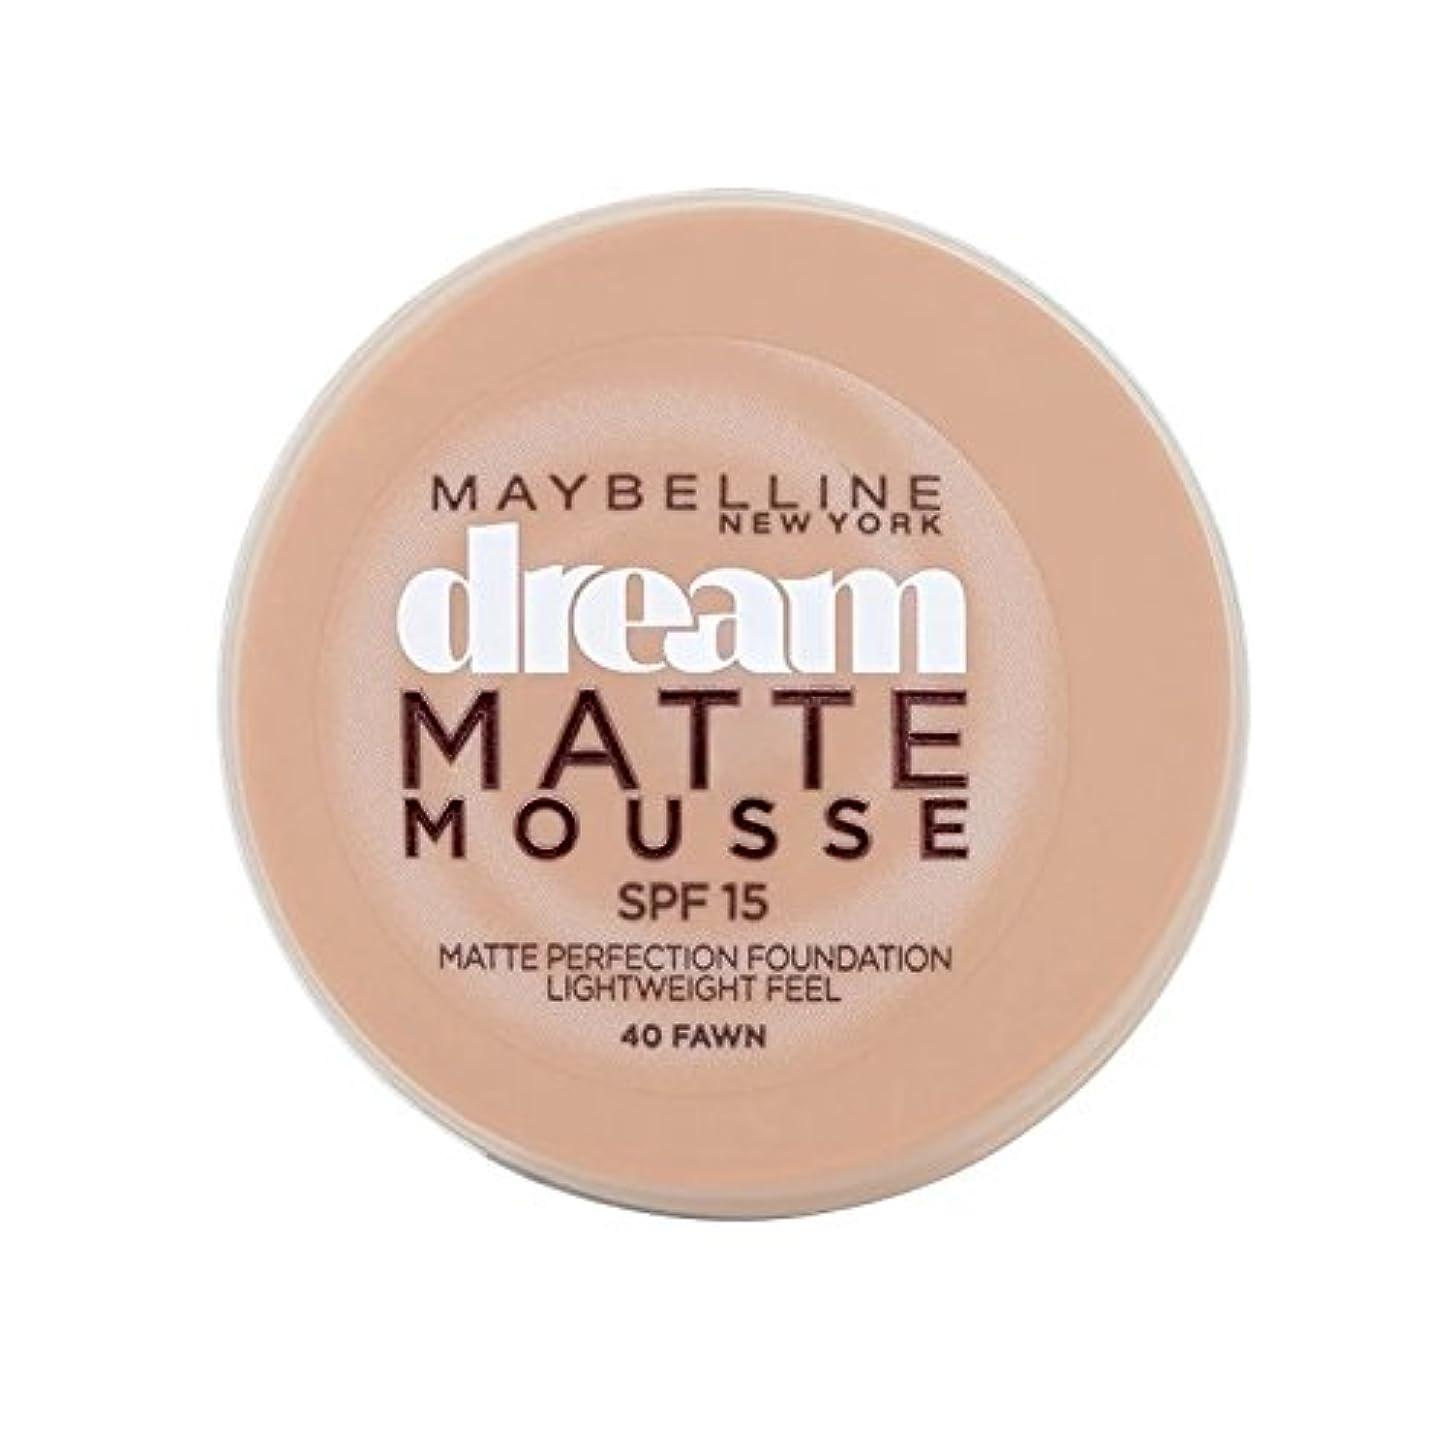 倍増冷える勘違いするMaybelline Dream Matte Mousse Foundation 40 Fawn 10ml (Pack of 6) - メイベリン夢のマットムース土台40子鹿の10ミリリットル x6 [並行輸入品]